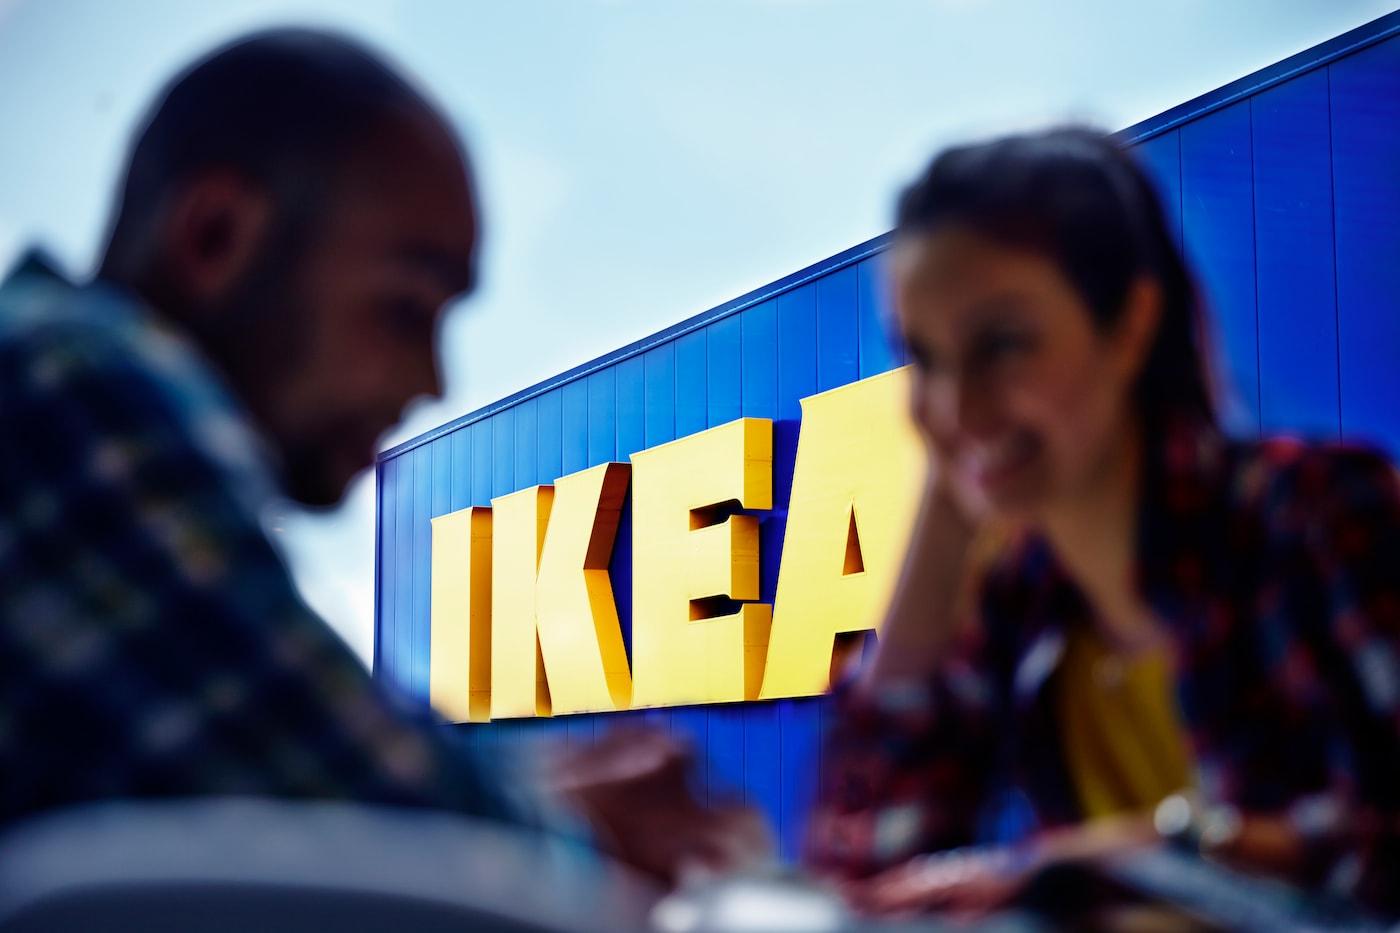 Una conversación entre un hombre y una mujer, donde ambos sonríen y tienen de fondo una tienda IKEA con el logo grande con los colores azul y amarillo.